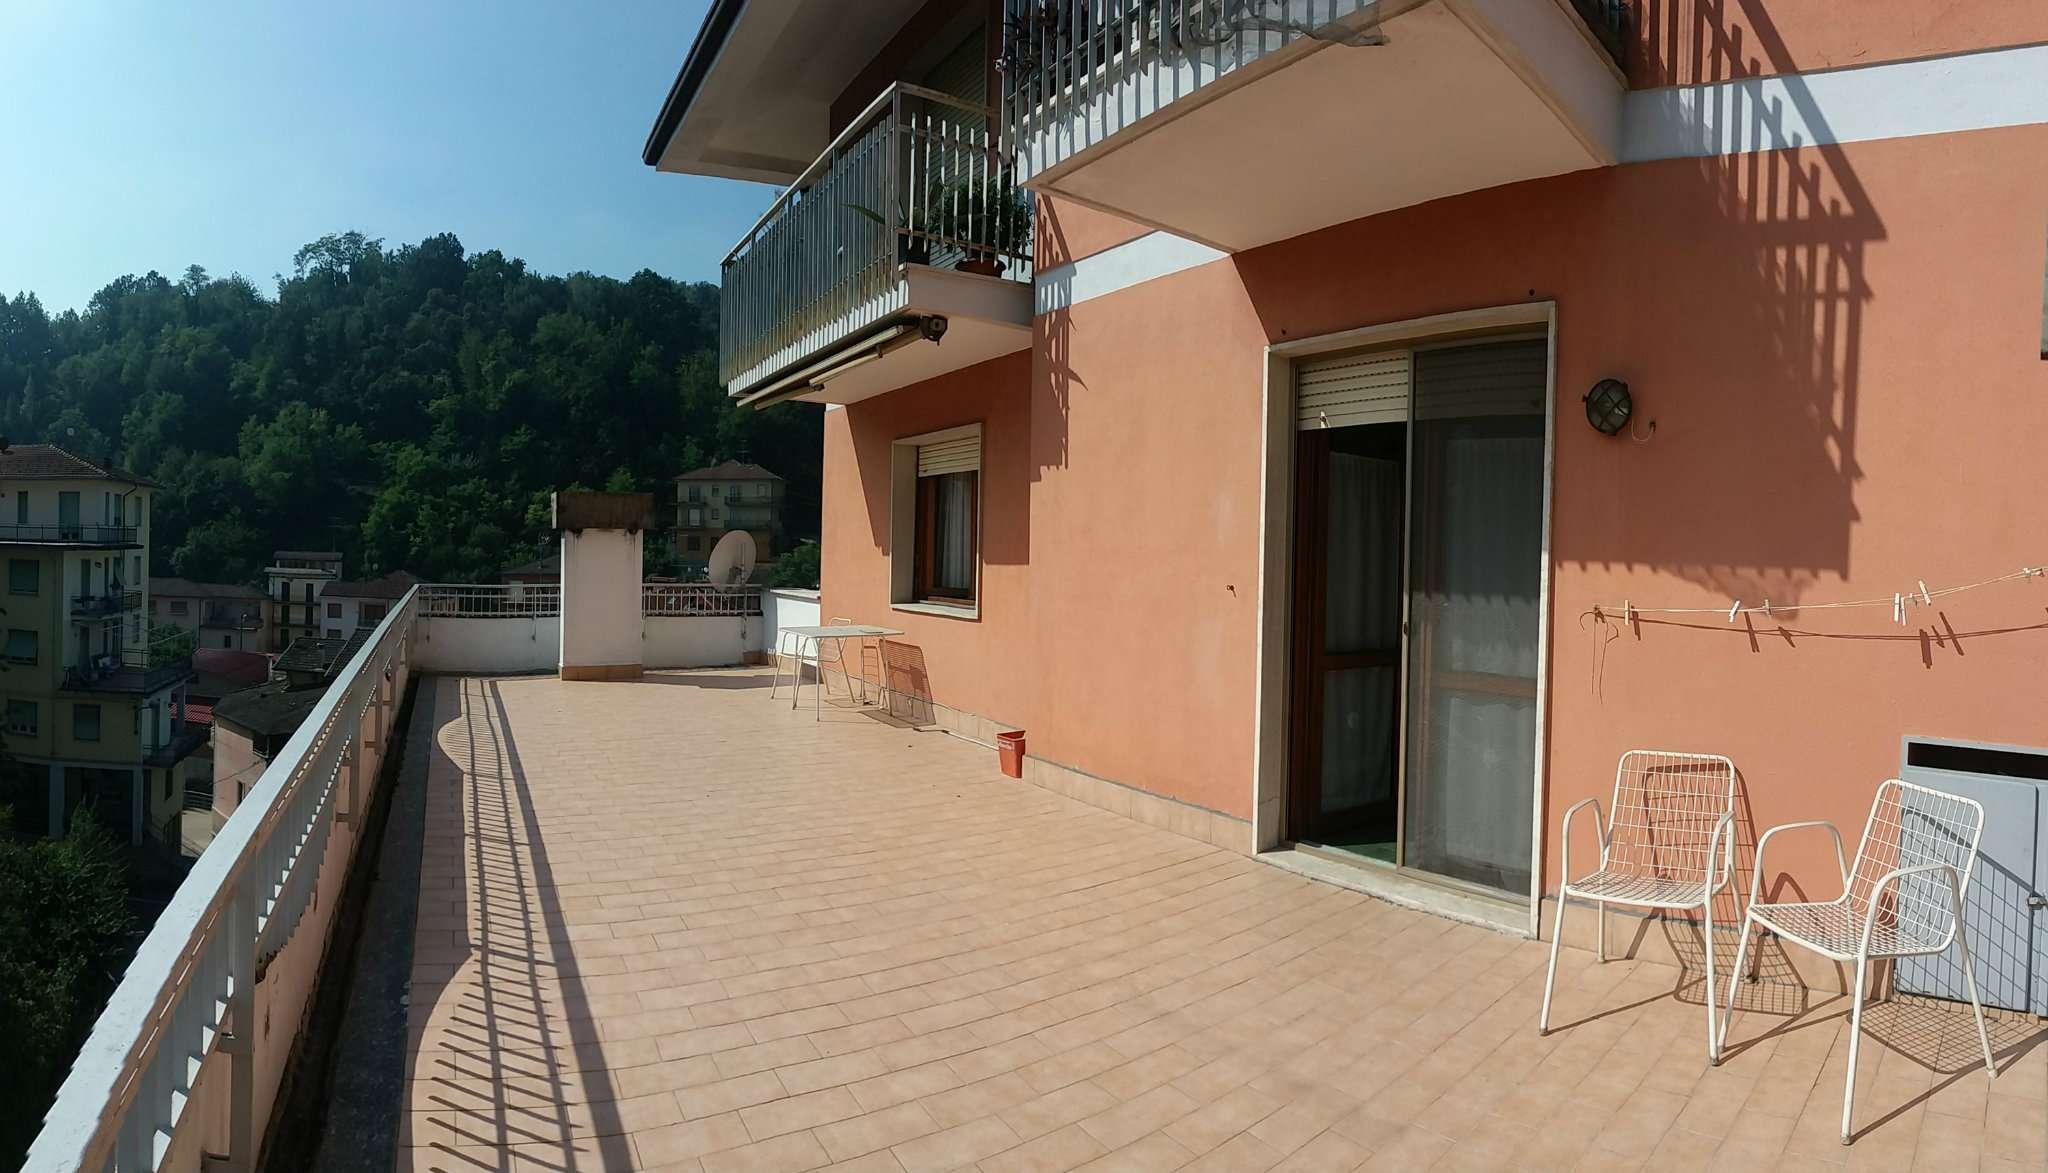 Appartamento in vendita a Castelletto d'Orba, 6 locali, prezzo € 85.000 | PortaleAgenzieImmobiliari.it